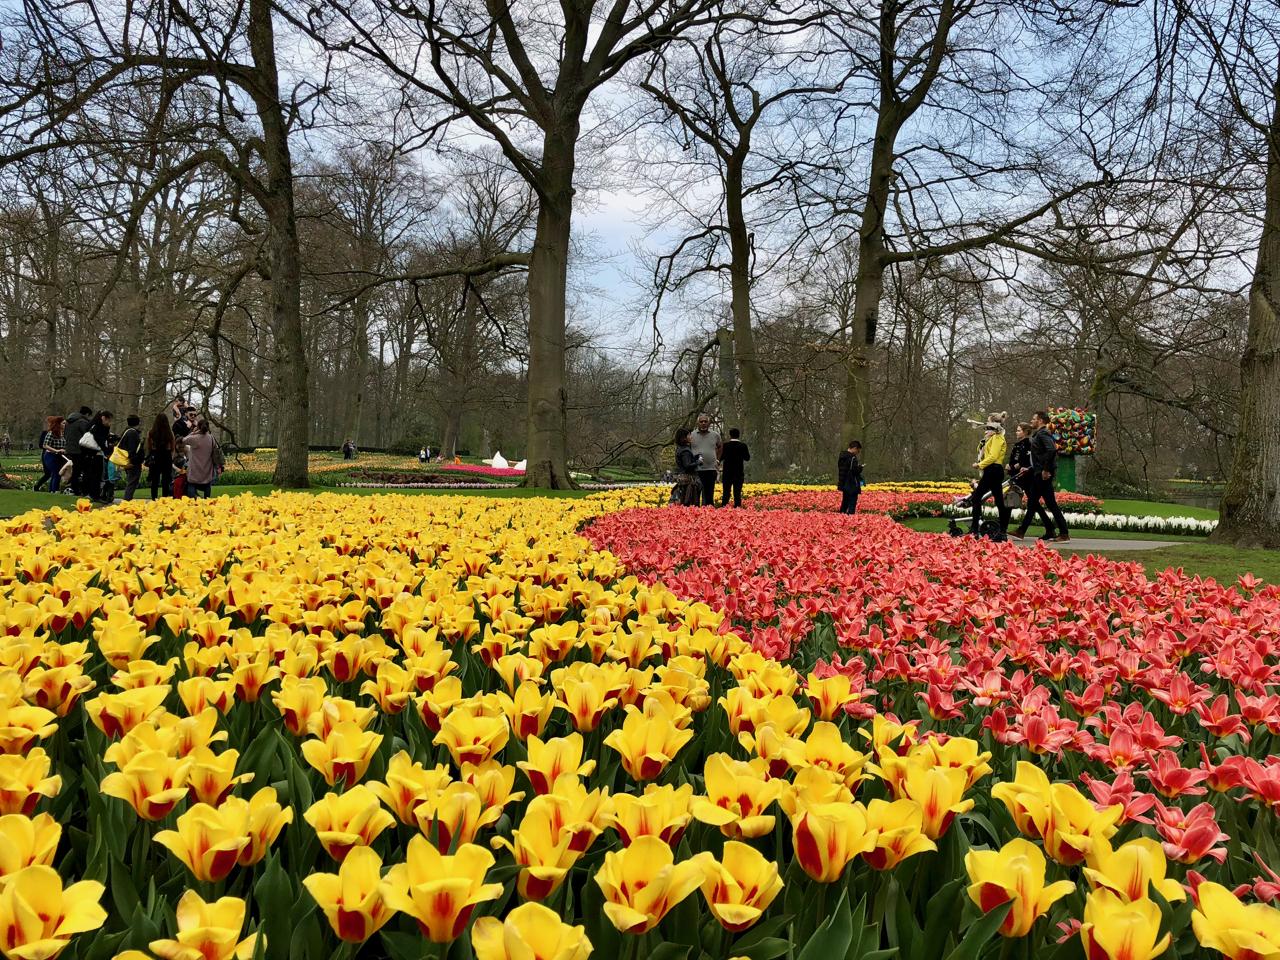 Idee De Plantation Pour Parterre balade printanière au parc floral du keukenhof aux pays-bas